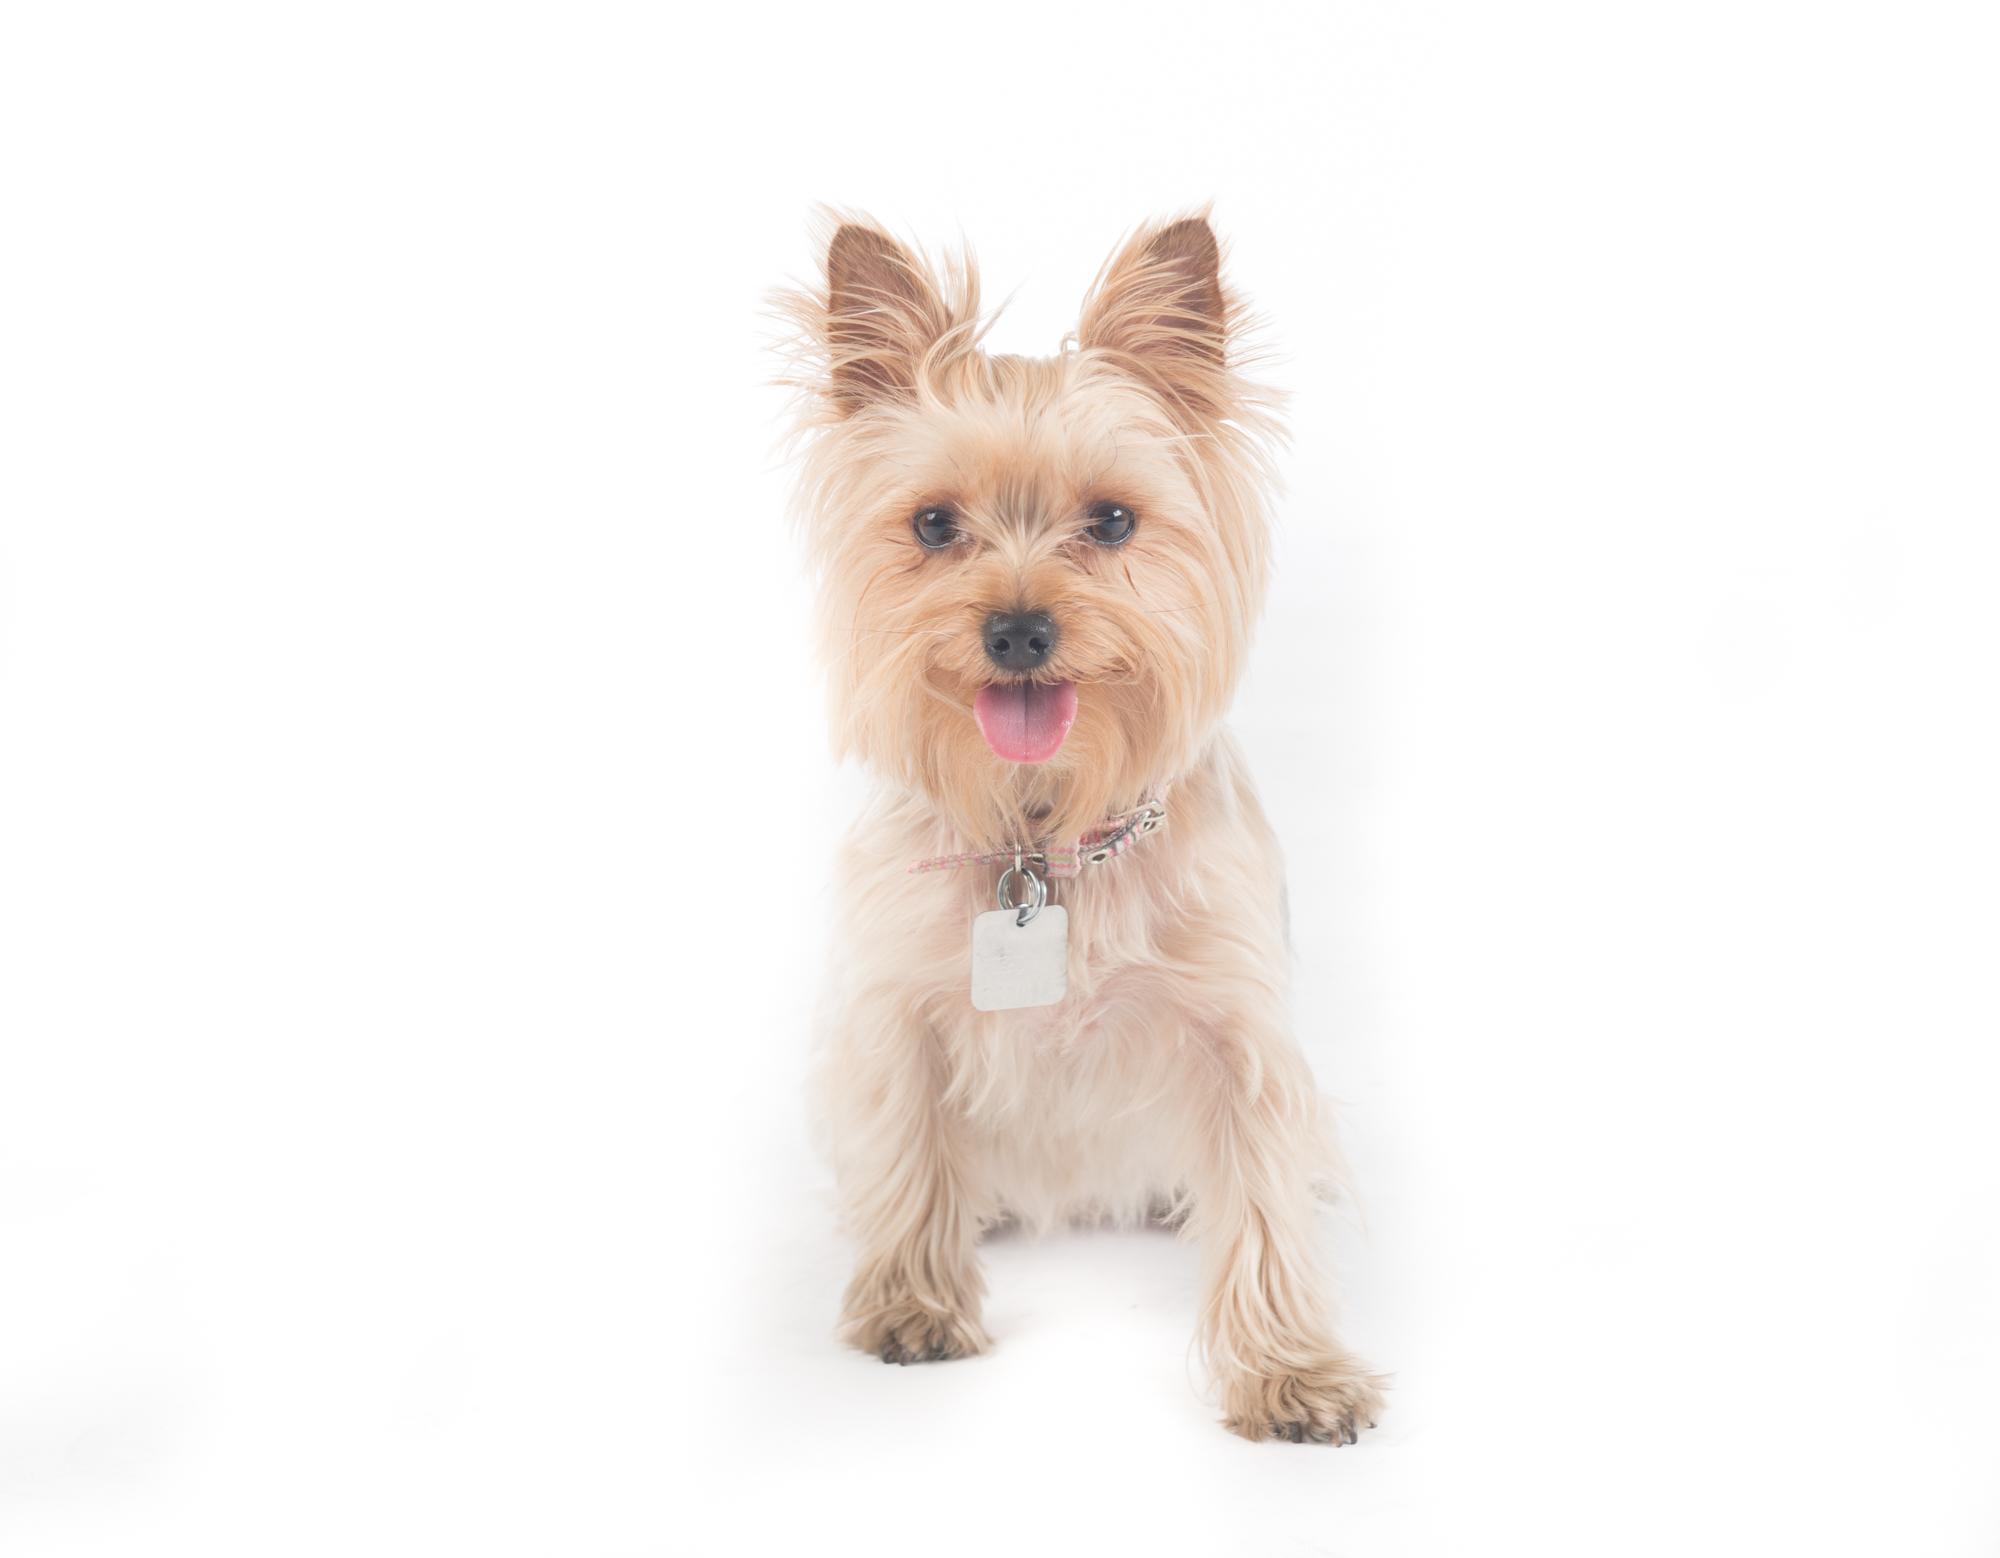 Yorkie - Las Vegas Pet Photography